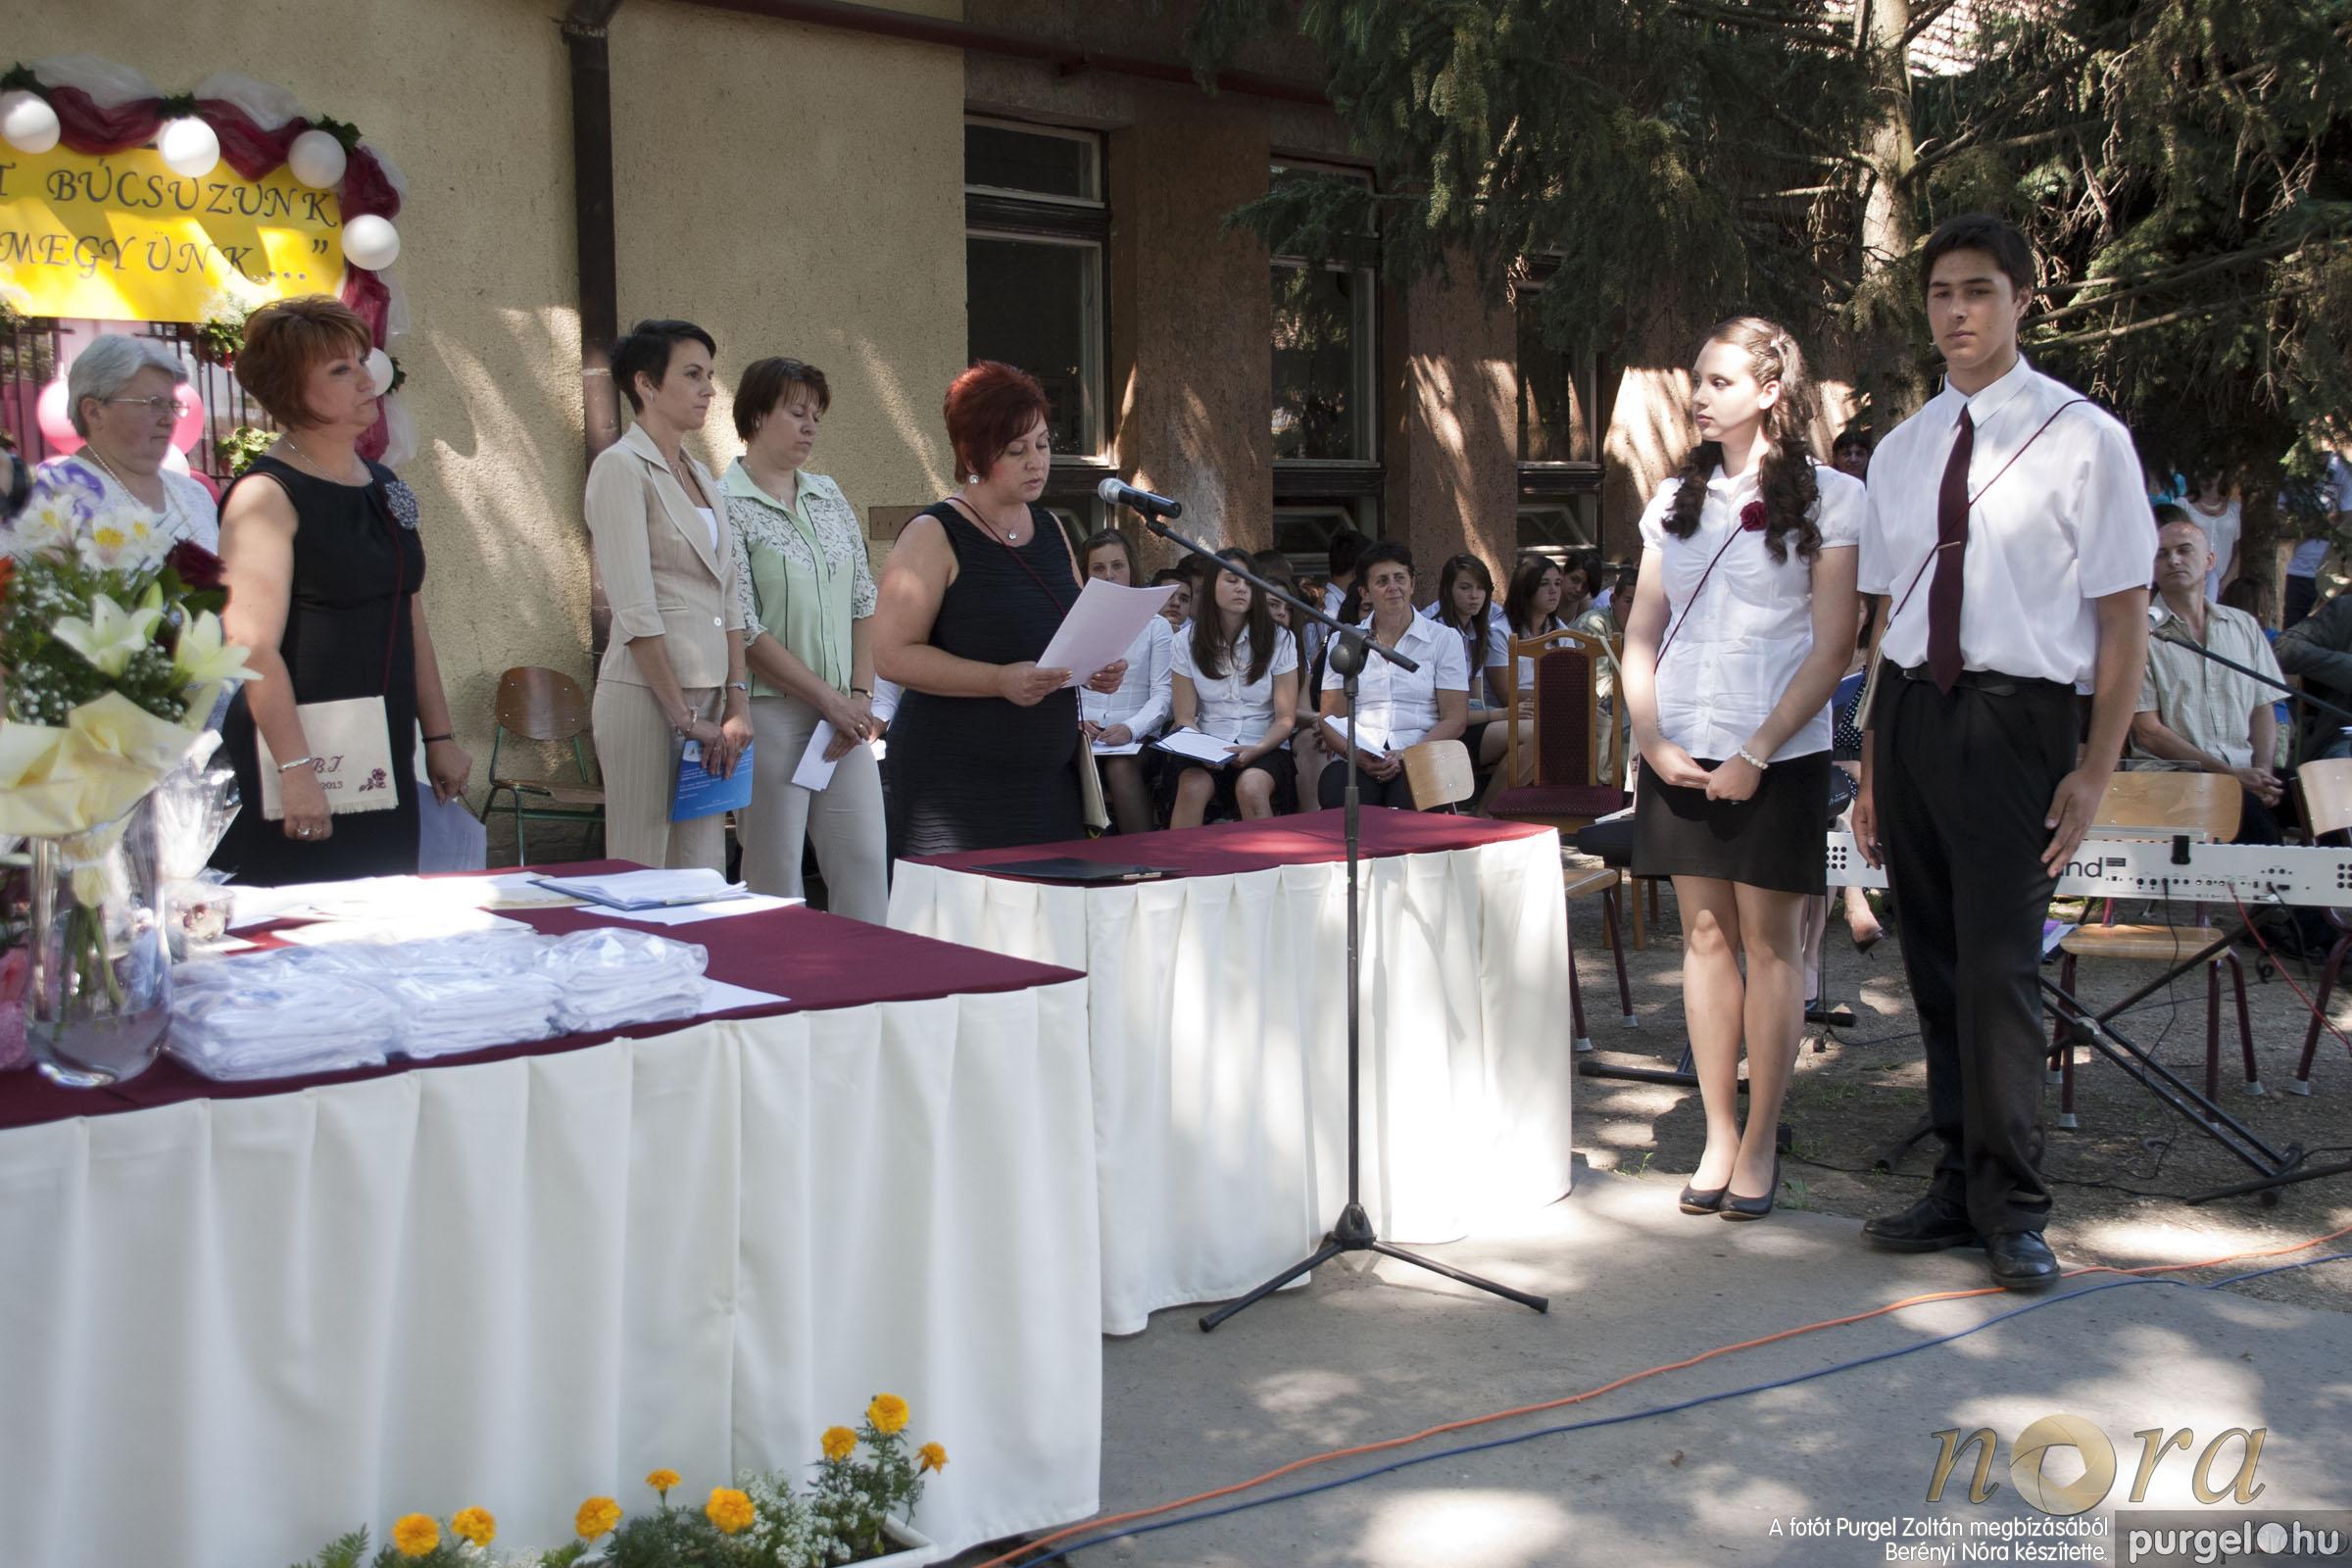 2013.06.15. 286 Forray Máté Általános Iskola ballagás 2013. - Fotó:BERÉNYI NÓRA© _MG_1370.JPG